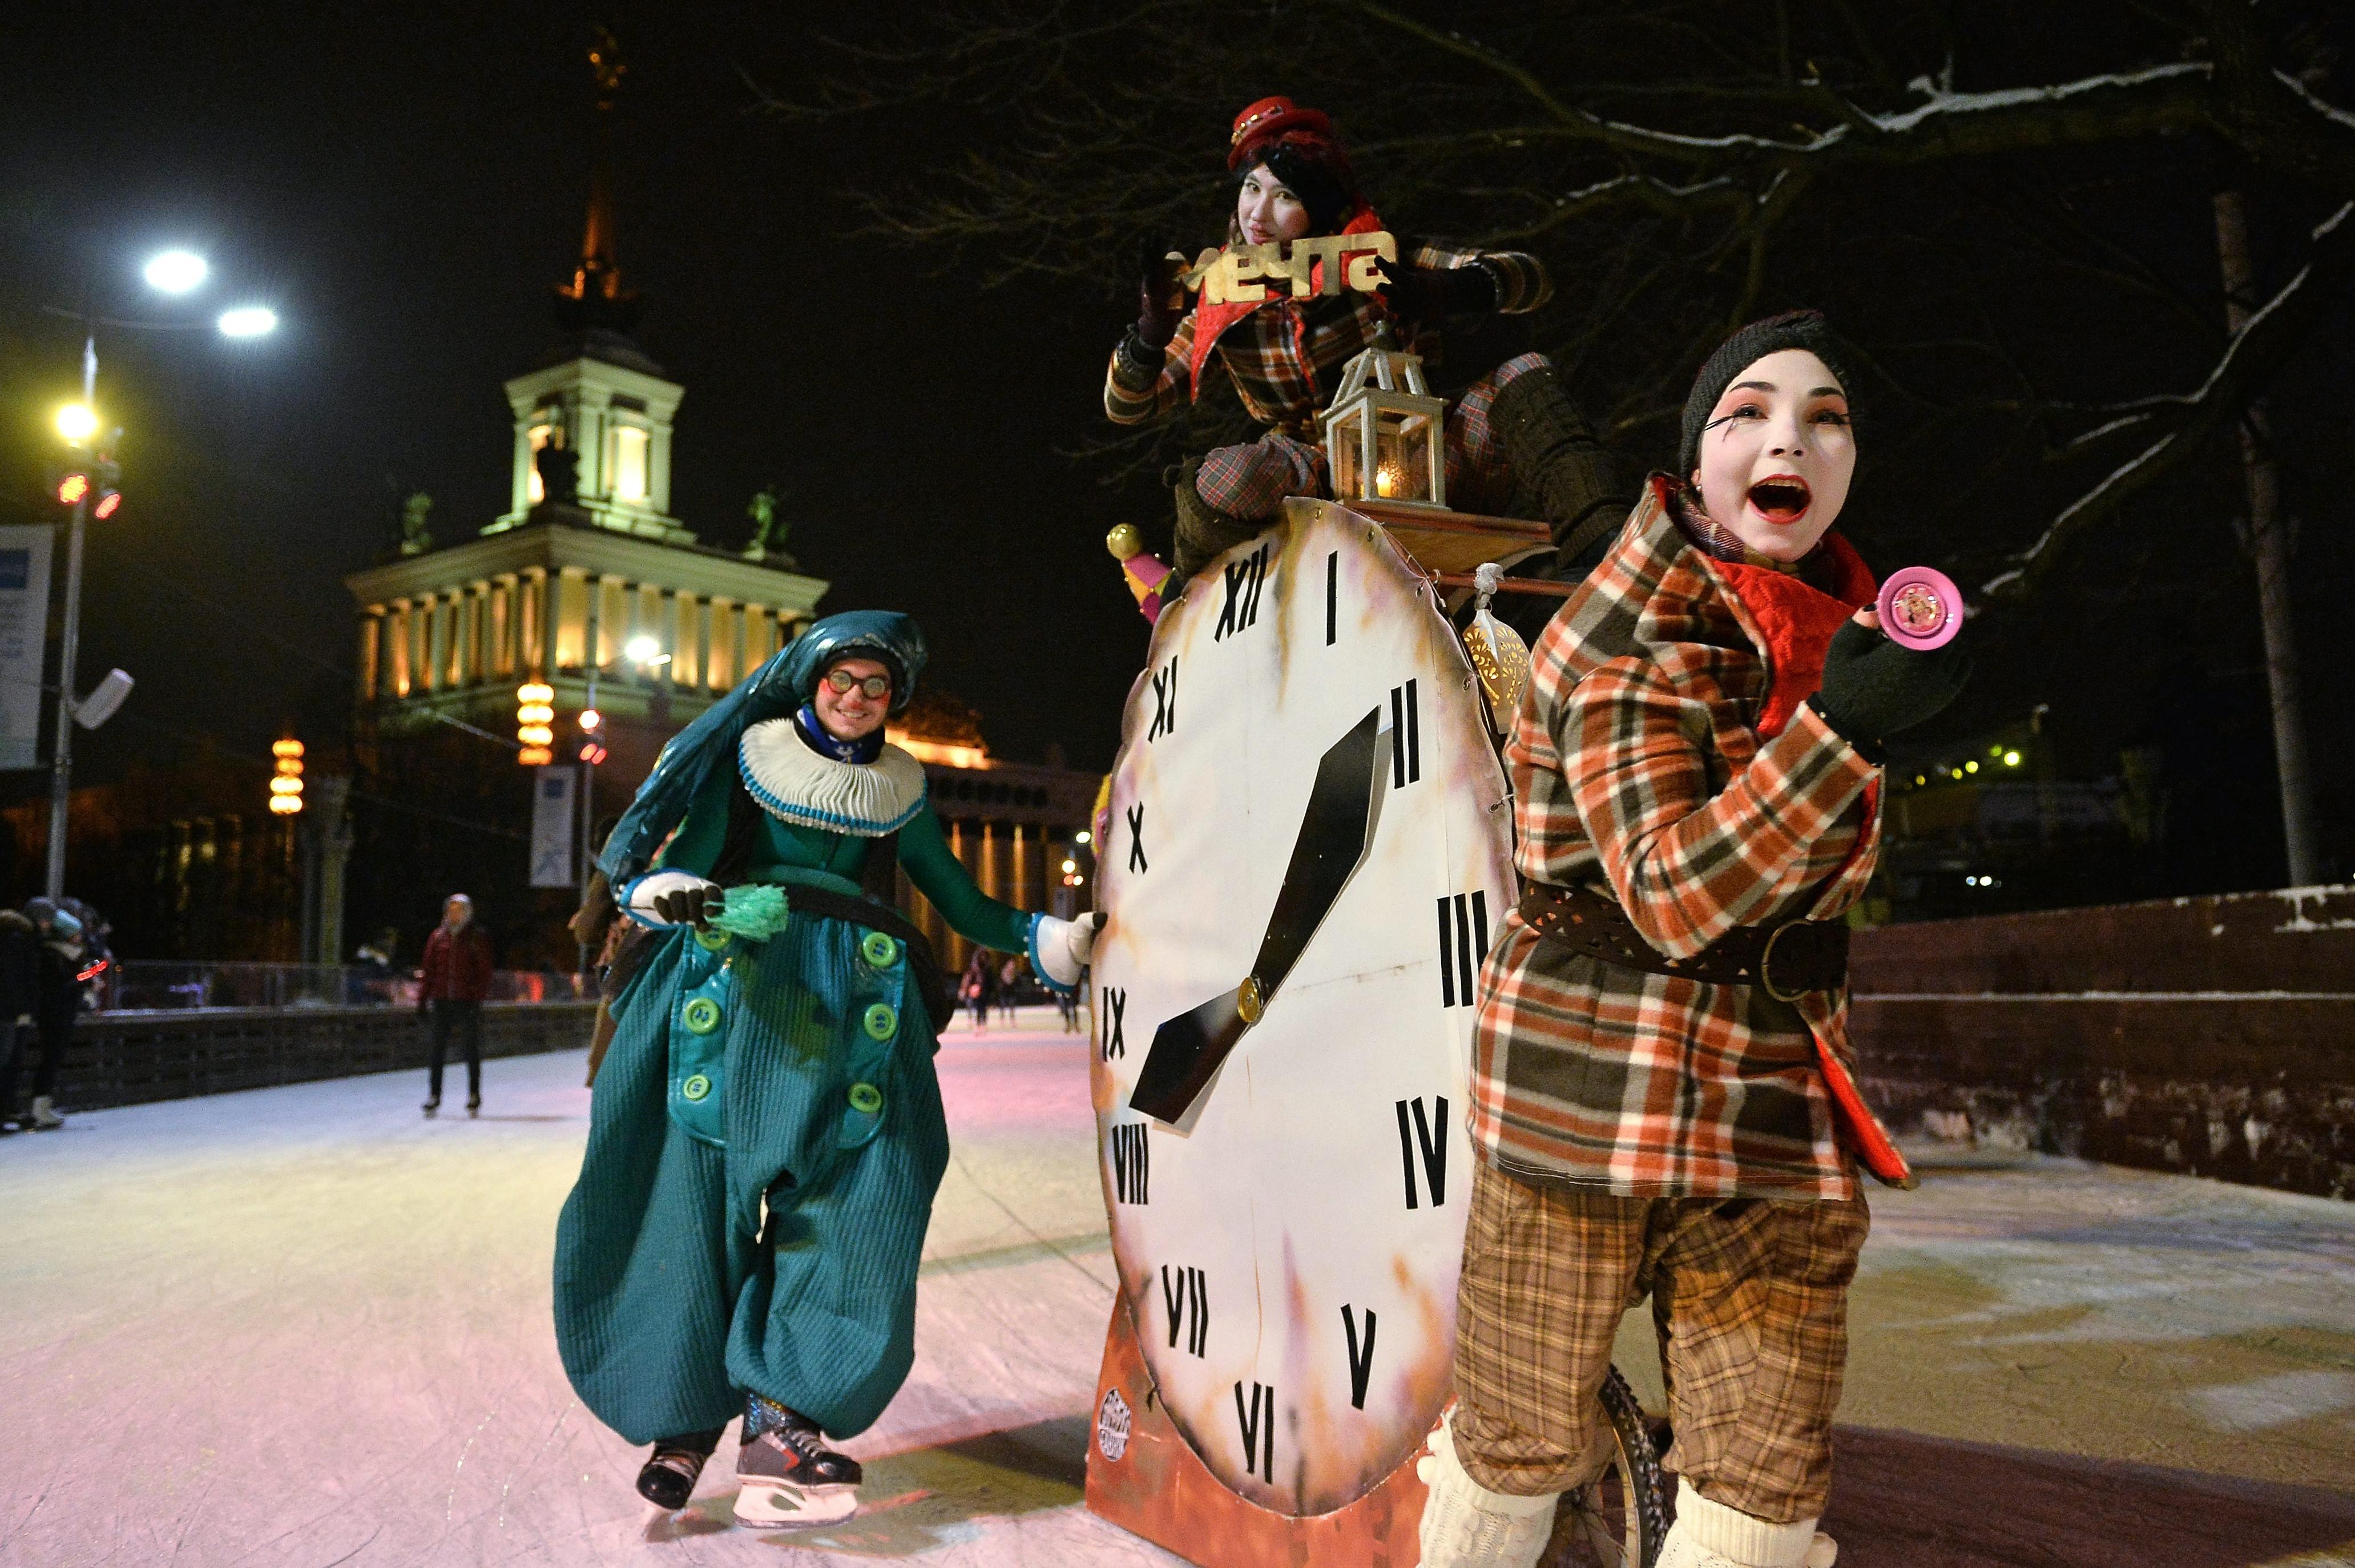 Участниците в театрализирания парад на цирковите акробати и барабанистите на откриването на най-голямата в Европа ледена пързалка на територията на изложбения комплекс ВДНХ в Москва.